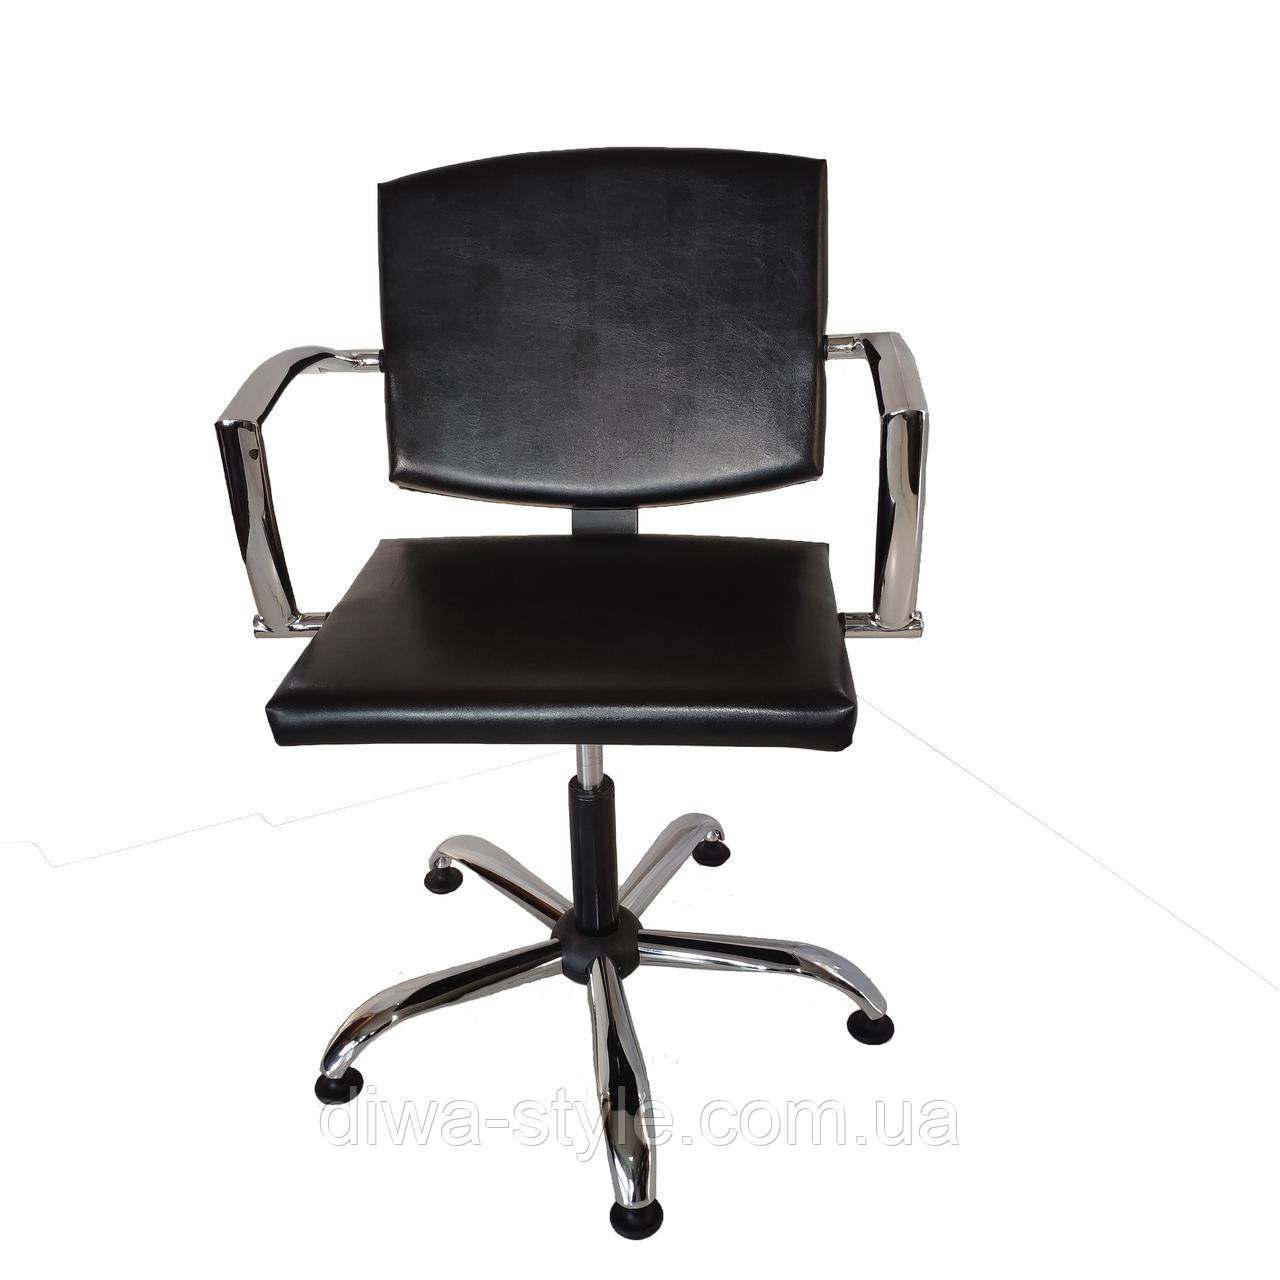 Кресло парикмахерское Хеппи